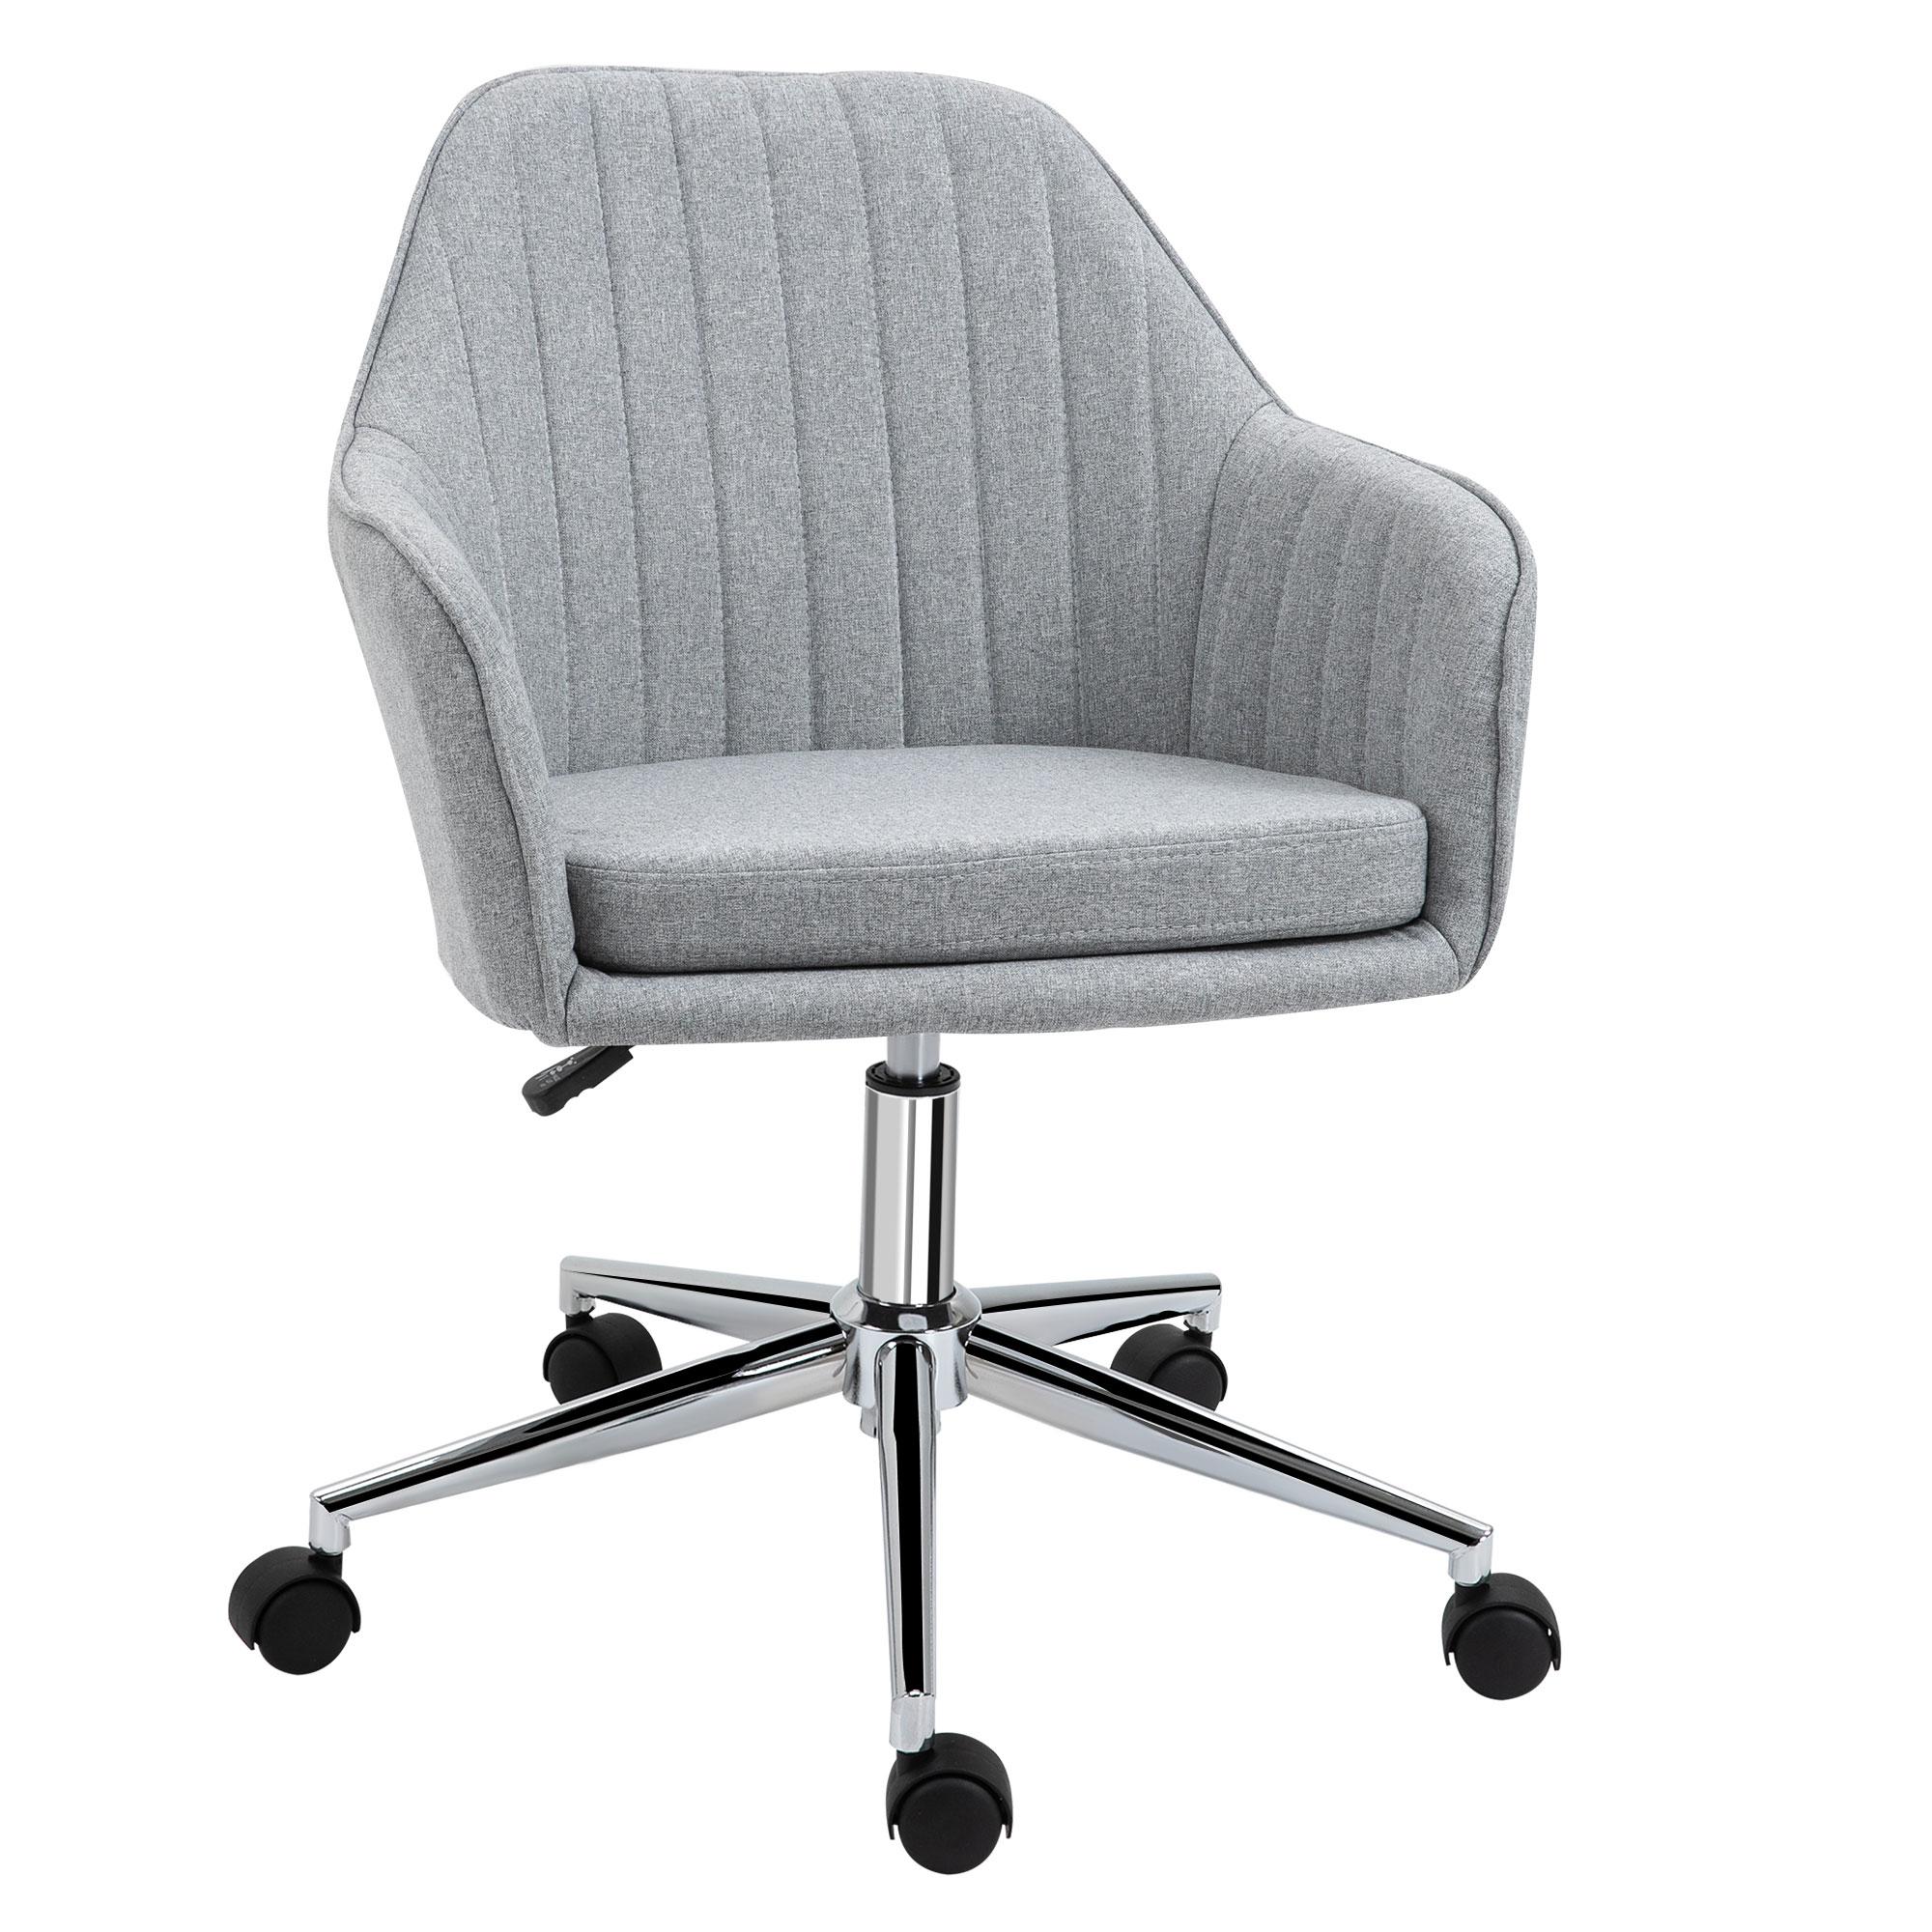 Chaise de bureau design contemporain piètement chromé lin gris